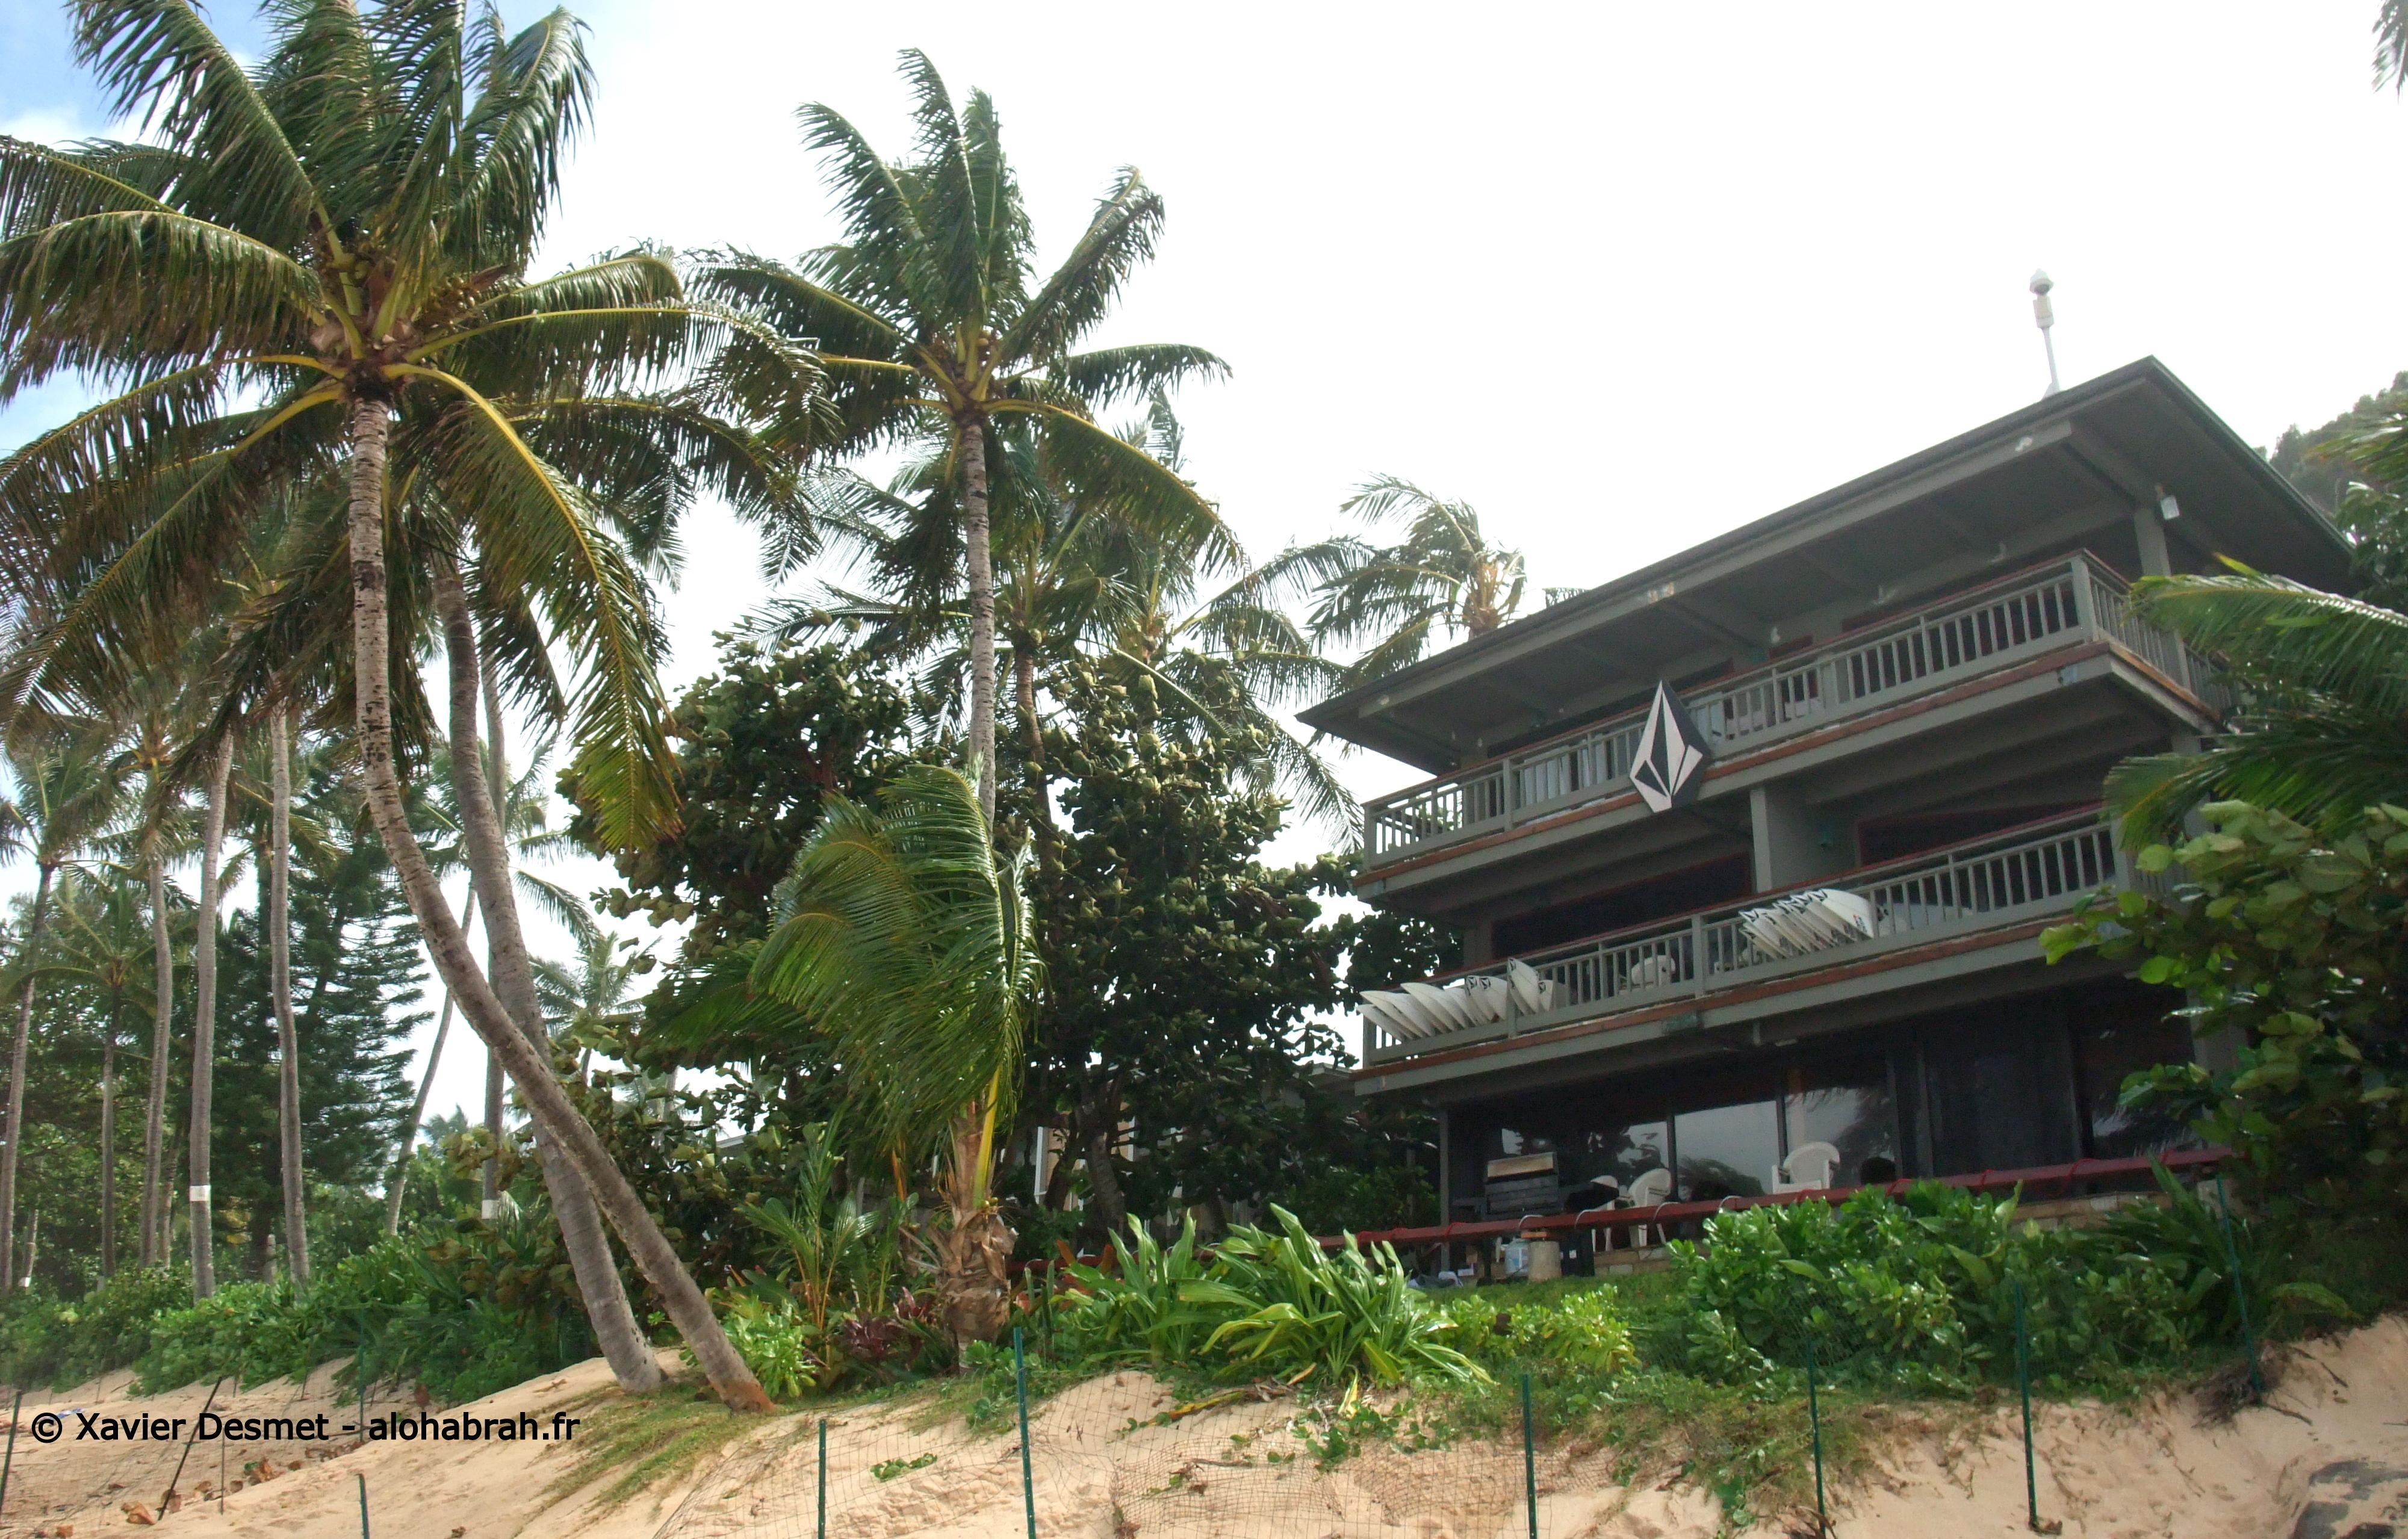 Volcom Pipe House en face du spot de Pipeline. Balcon de Surfboard, j